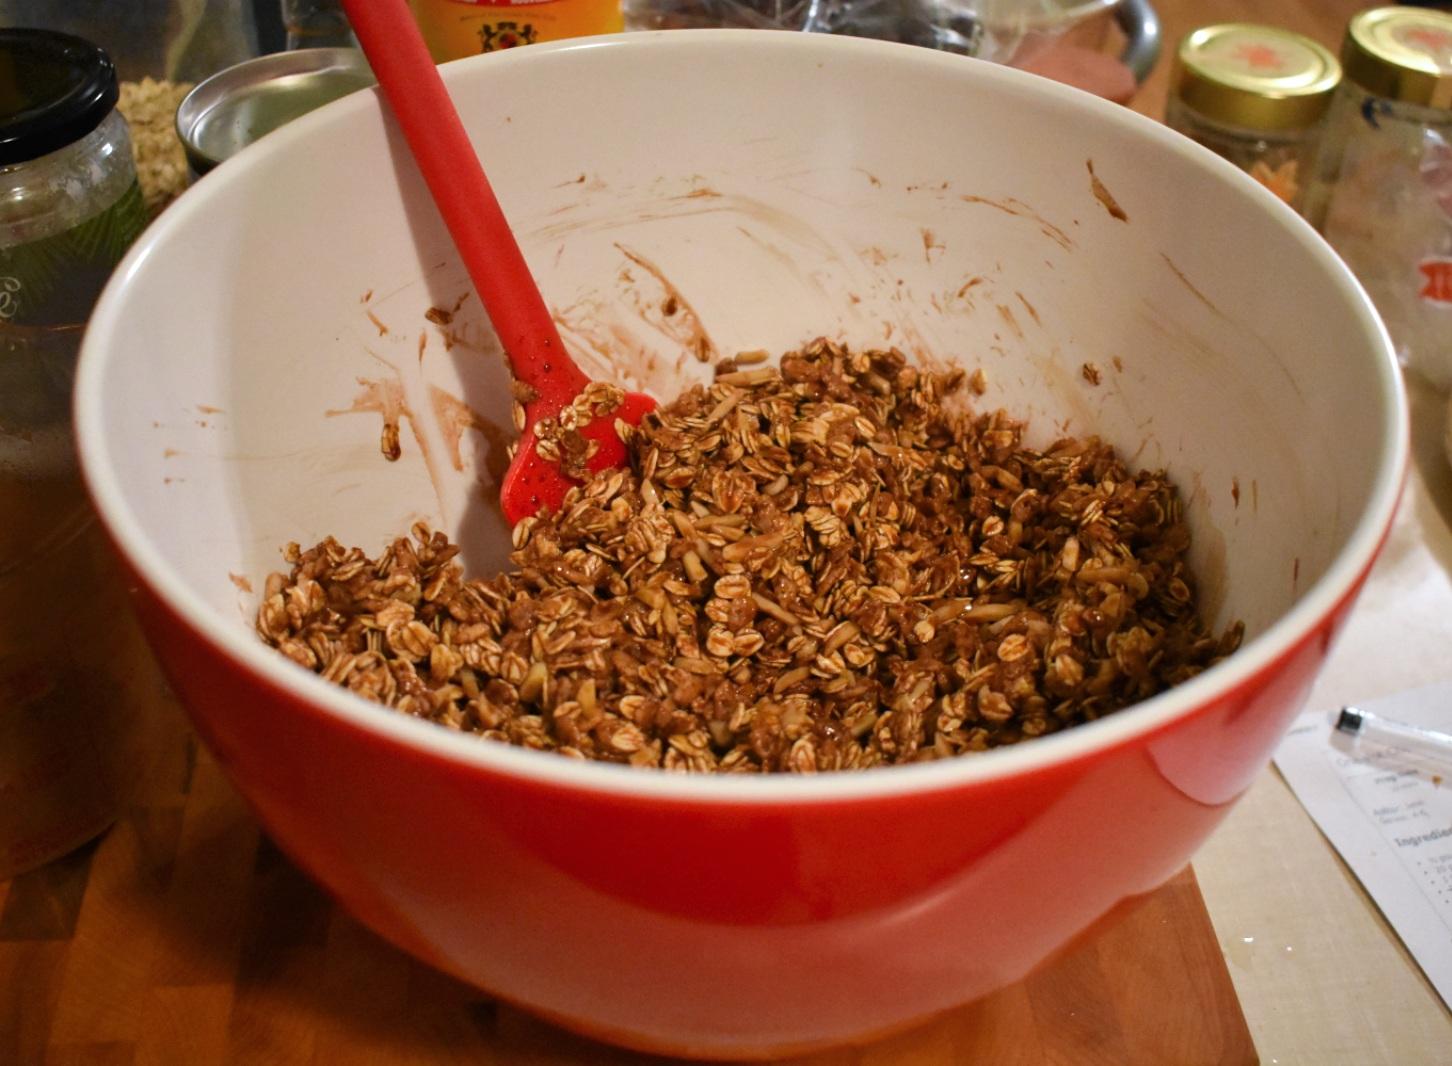 Granola au mocha - Auboutdelalangue.com (4)